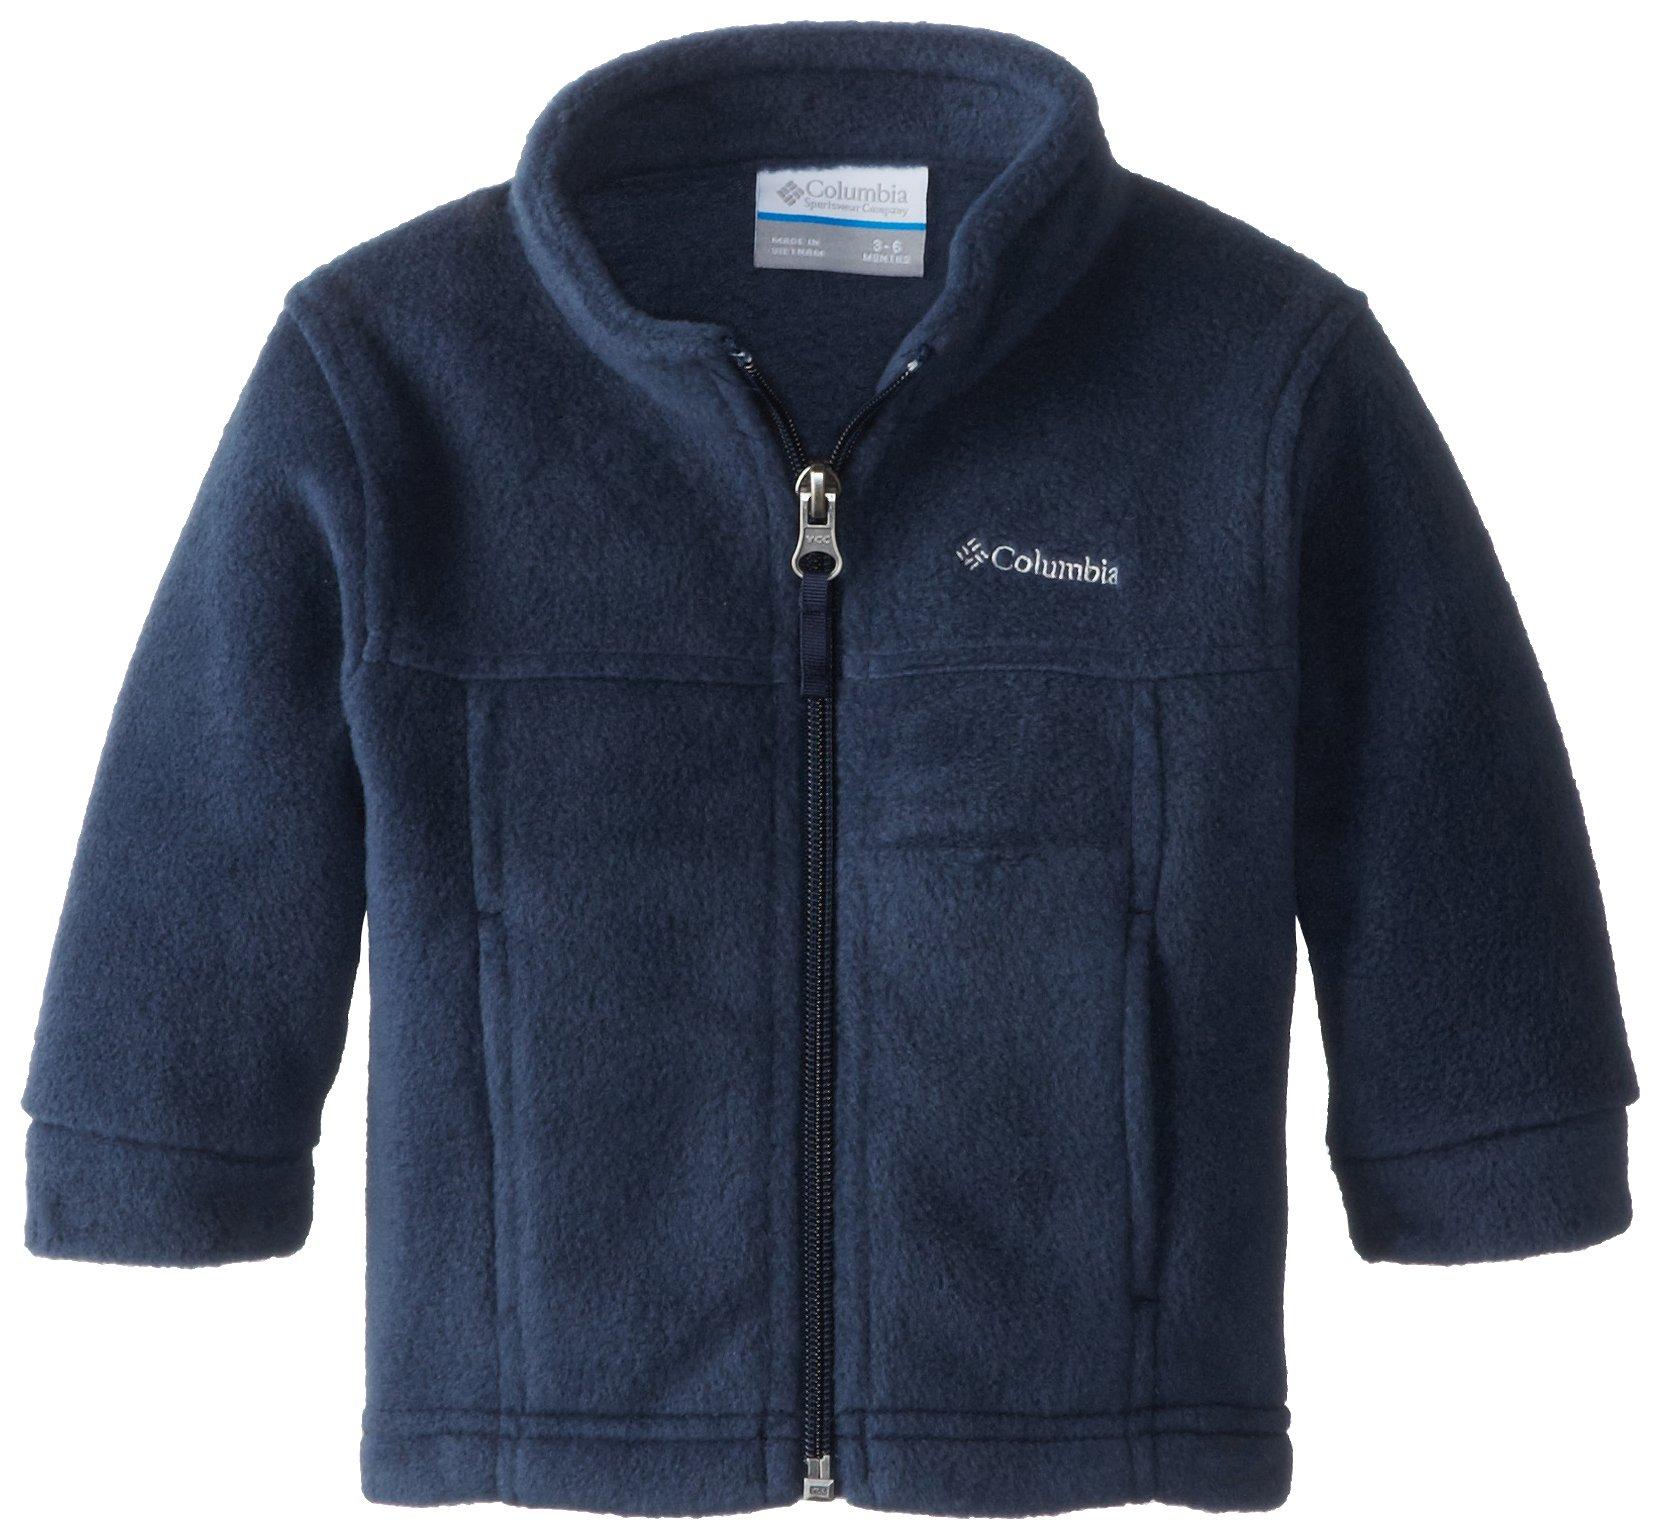 Columbia Baby Boys' Steens Mt II Fleece Jacket, Collegiate Navy, 18-24 Months